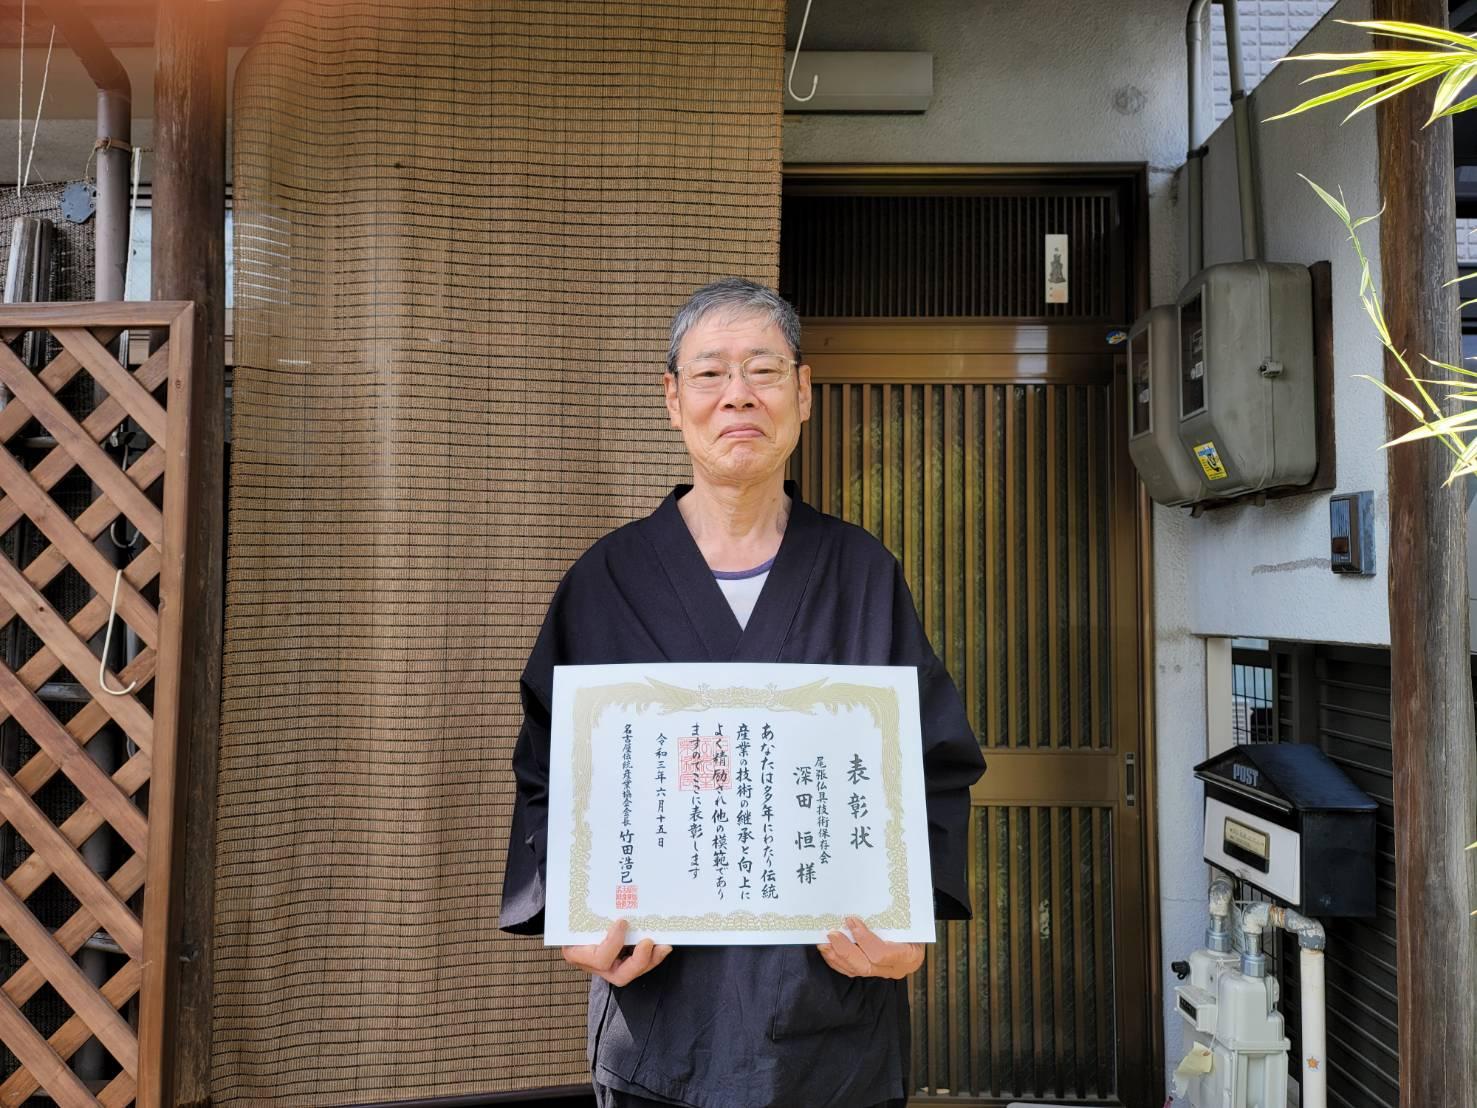 名古屋市優秀技術者表彰